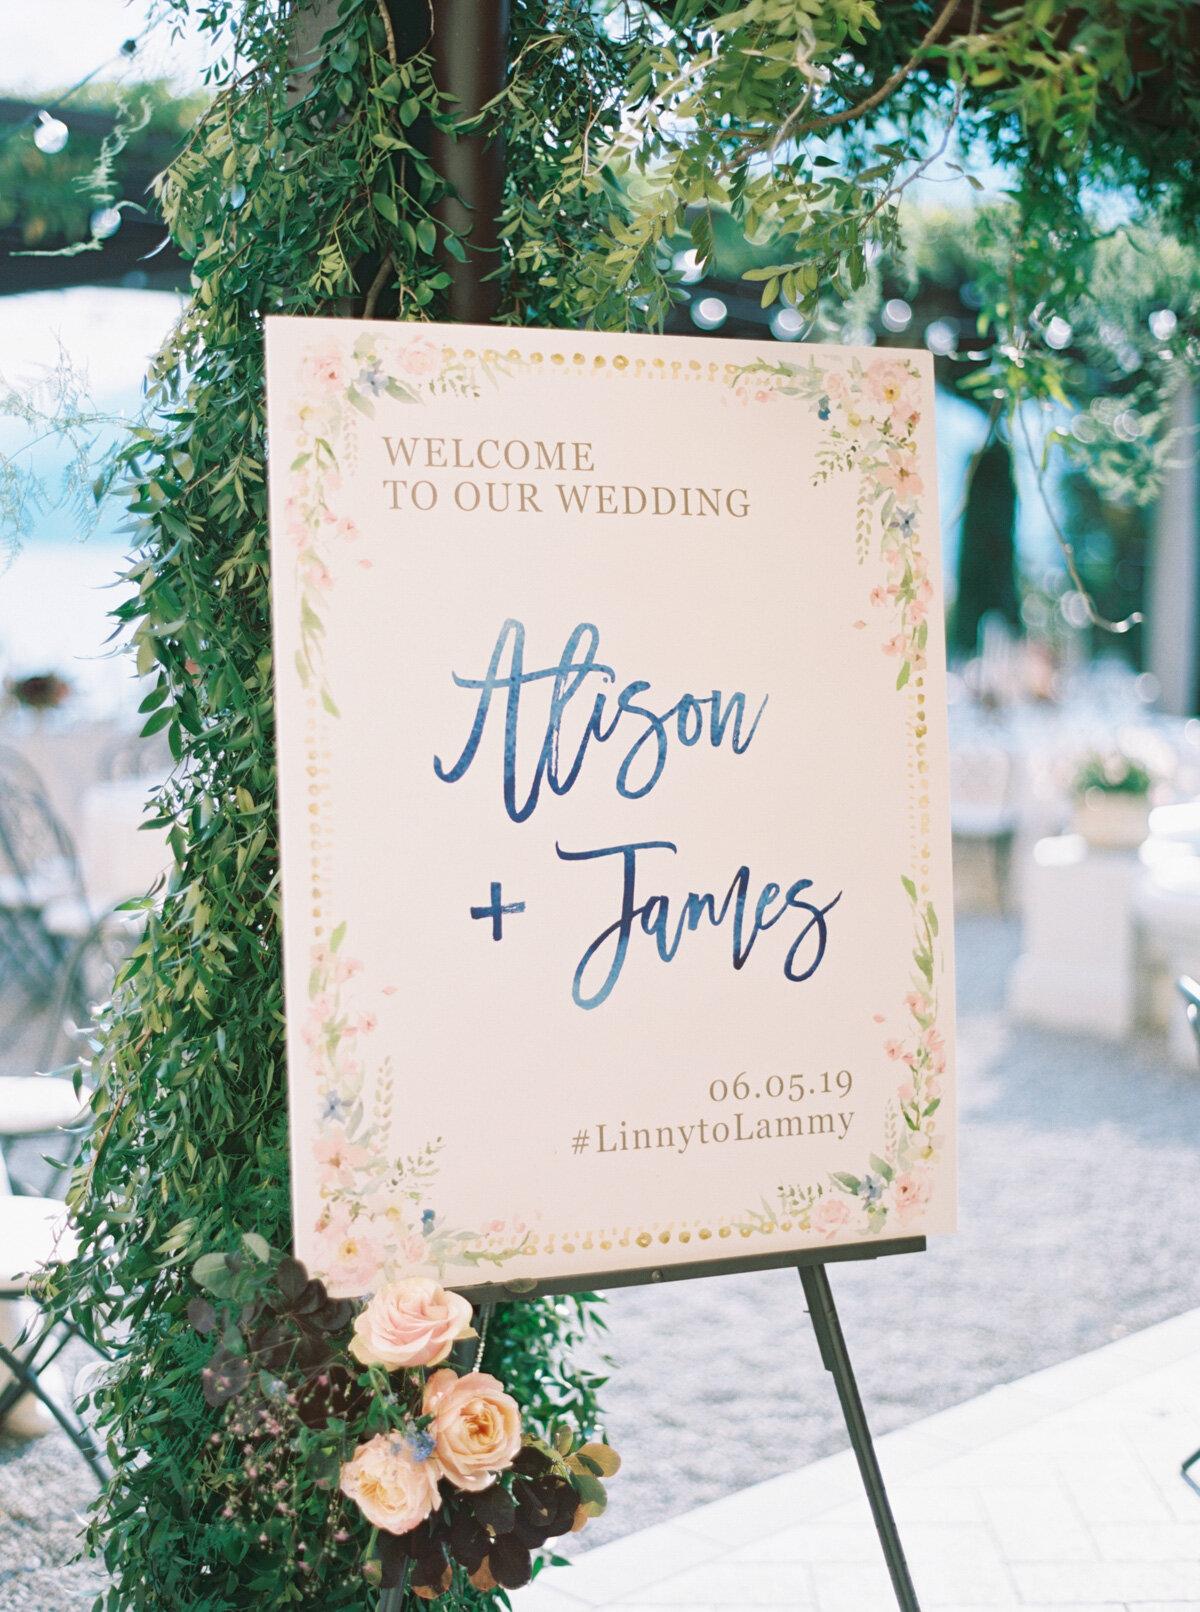 Lake-Como-Villa-Cipressi-Wedding-Katie-Grant-destination-wedding (70 of 93).jpg